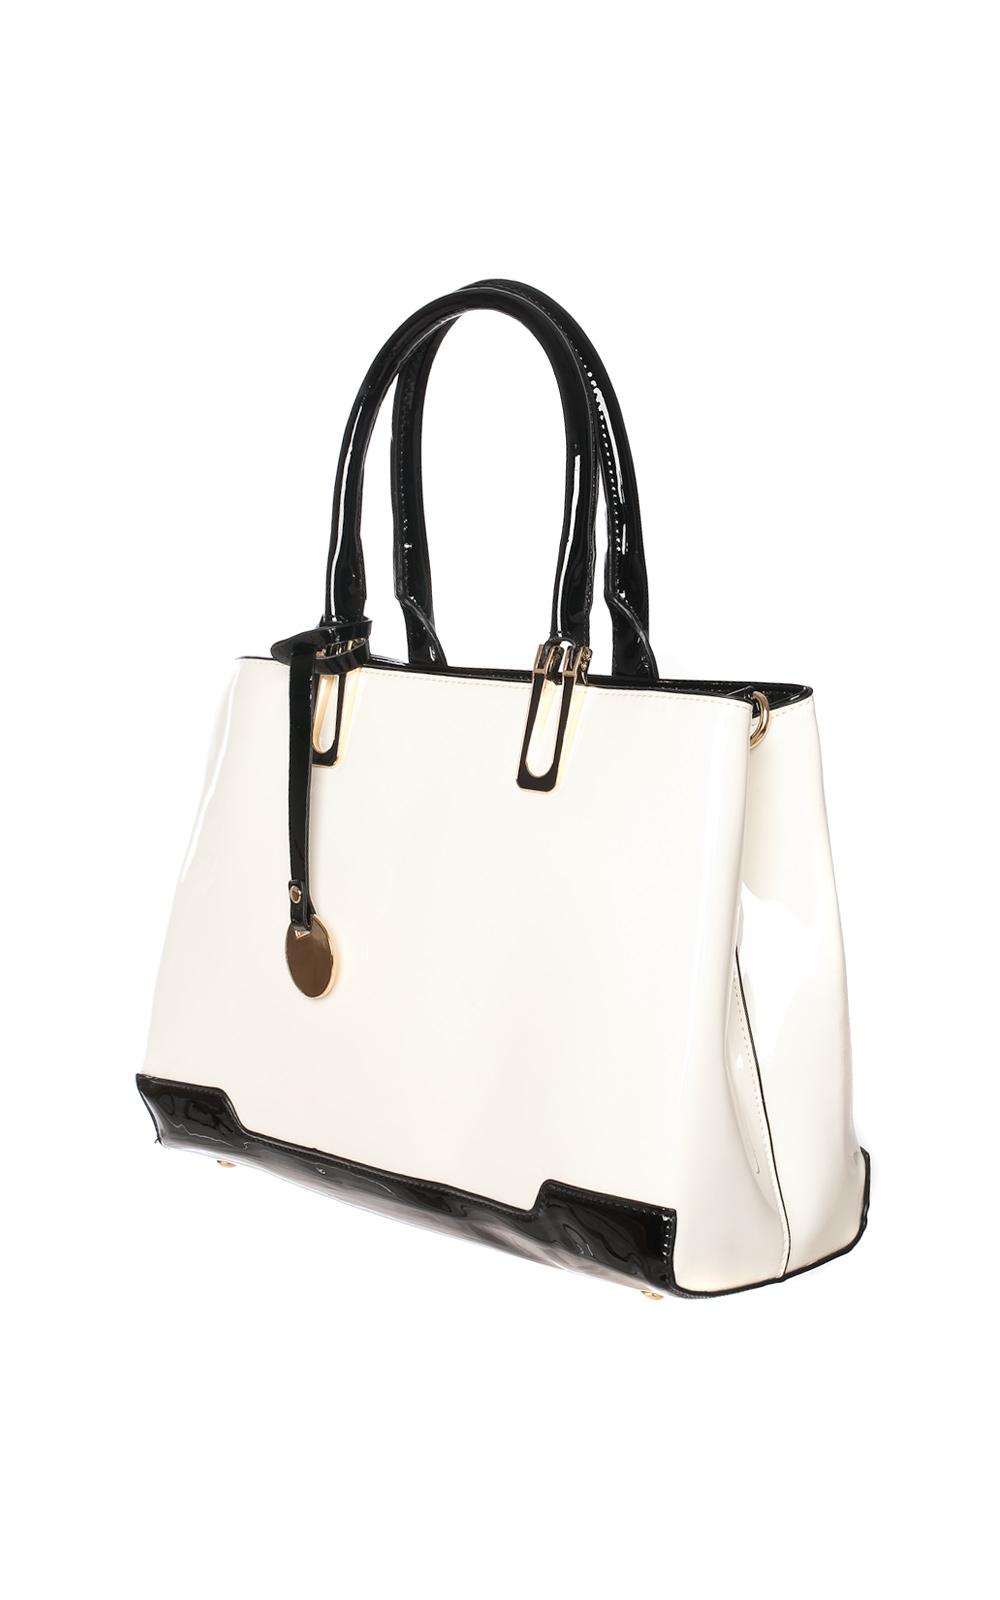 iKrush Sheridan White Patent Handbag